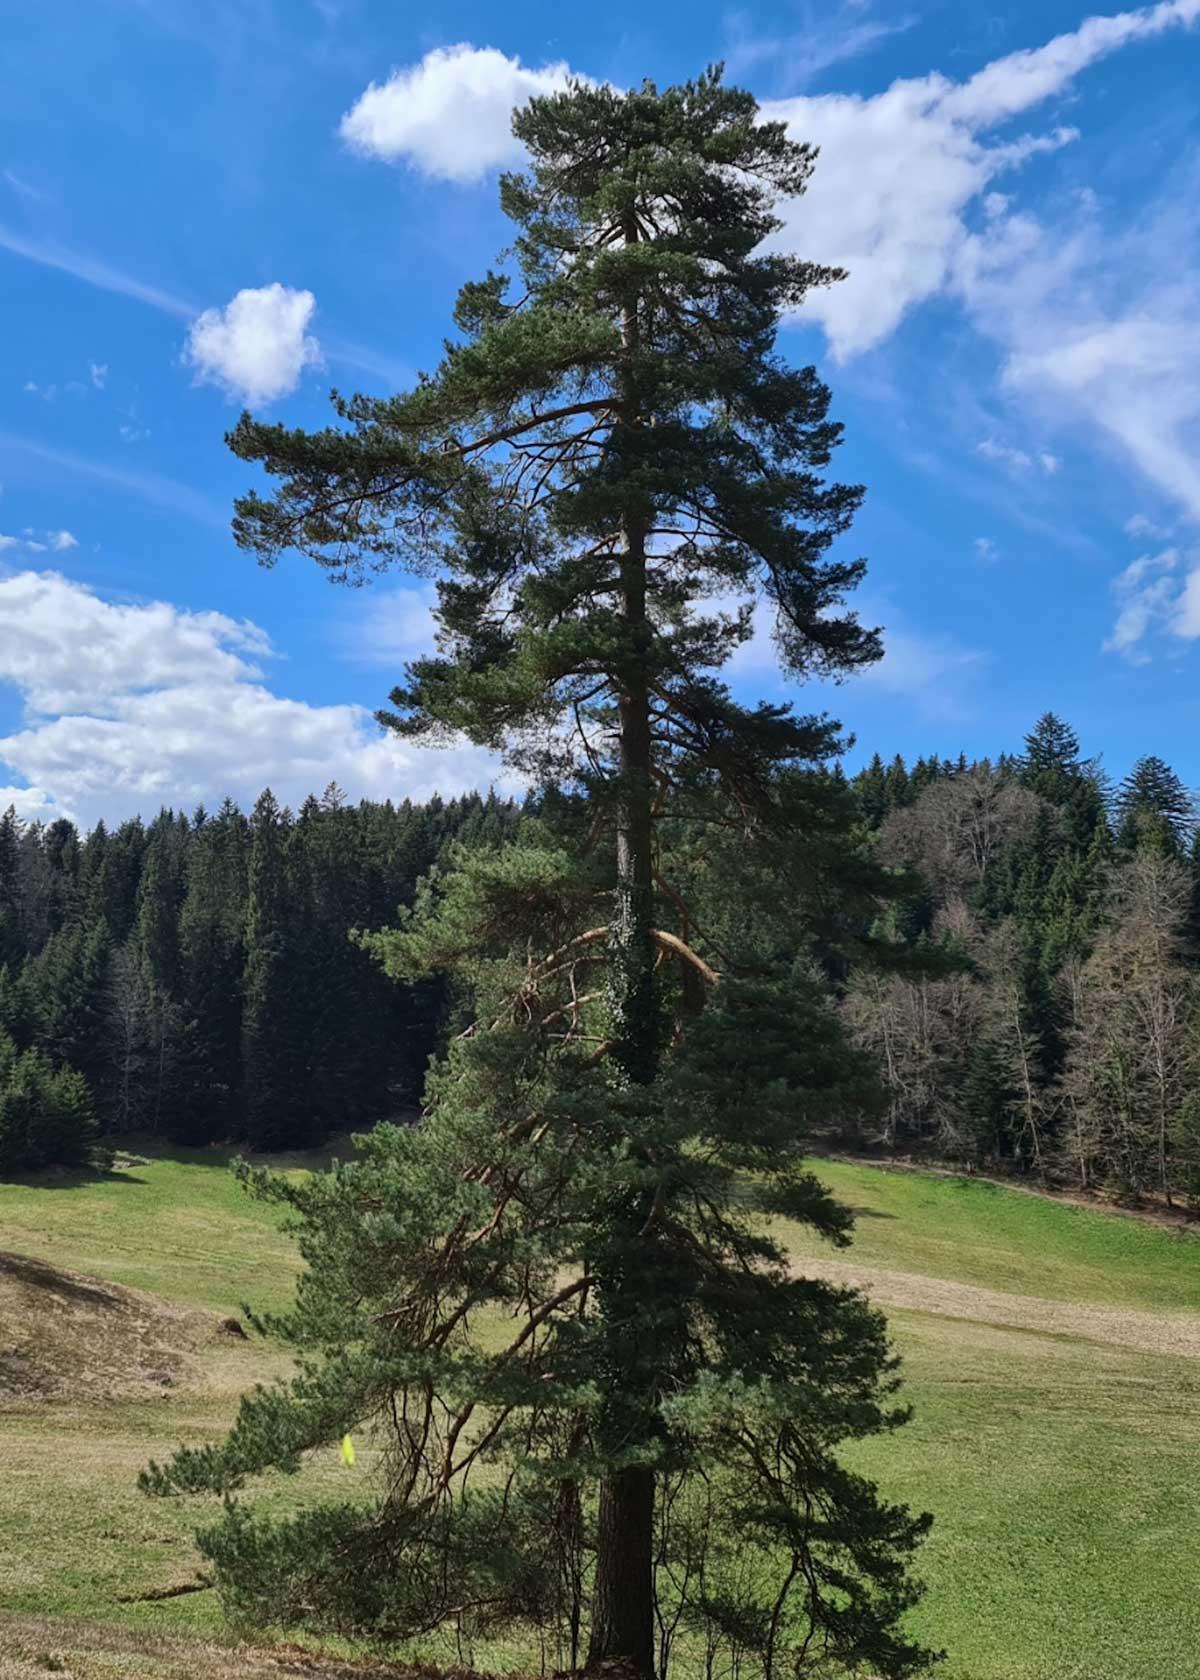 Unter strahlendem blauem Himmel steht ein einzelner Baum auf einer grünen Wiese.